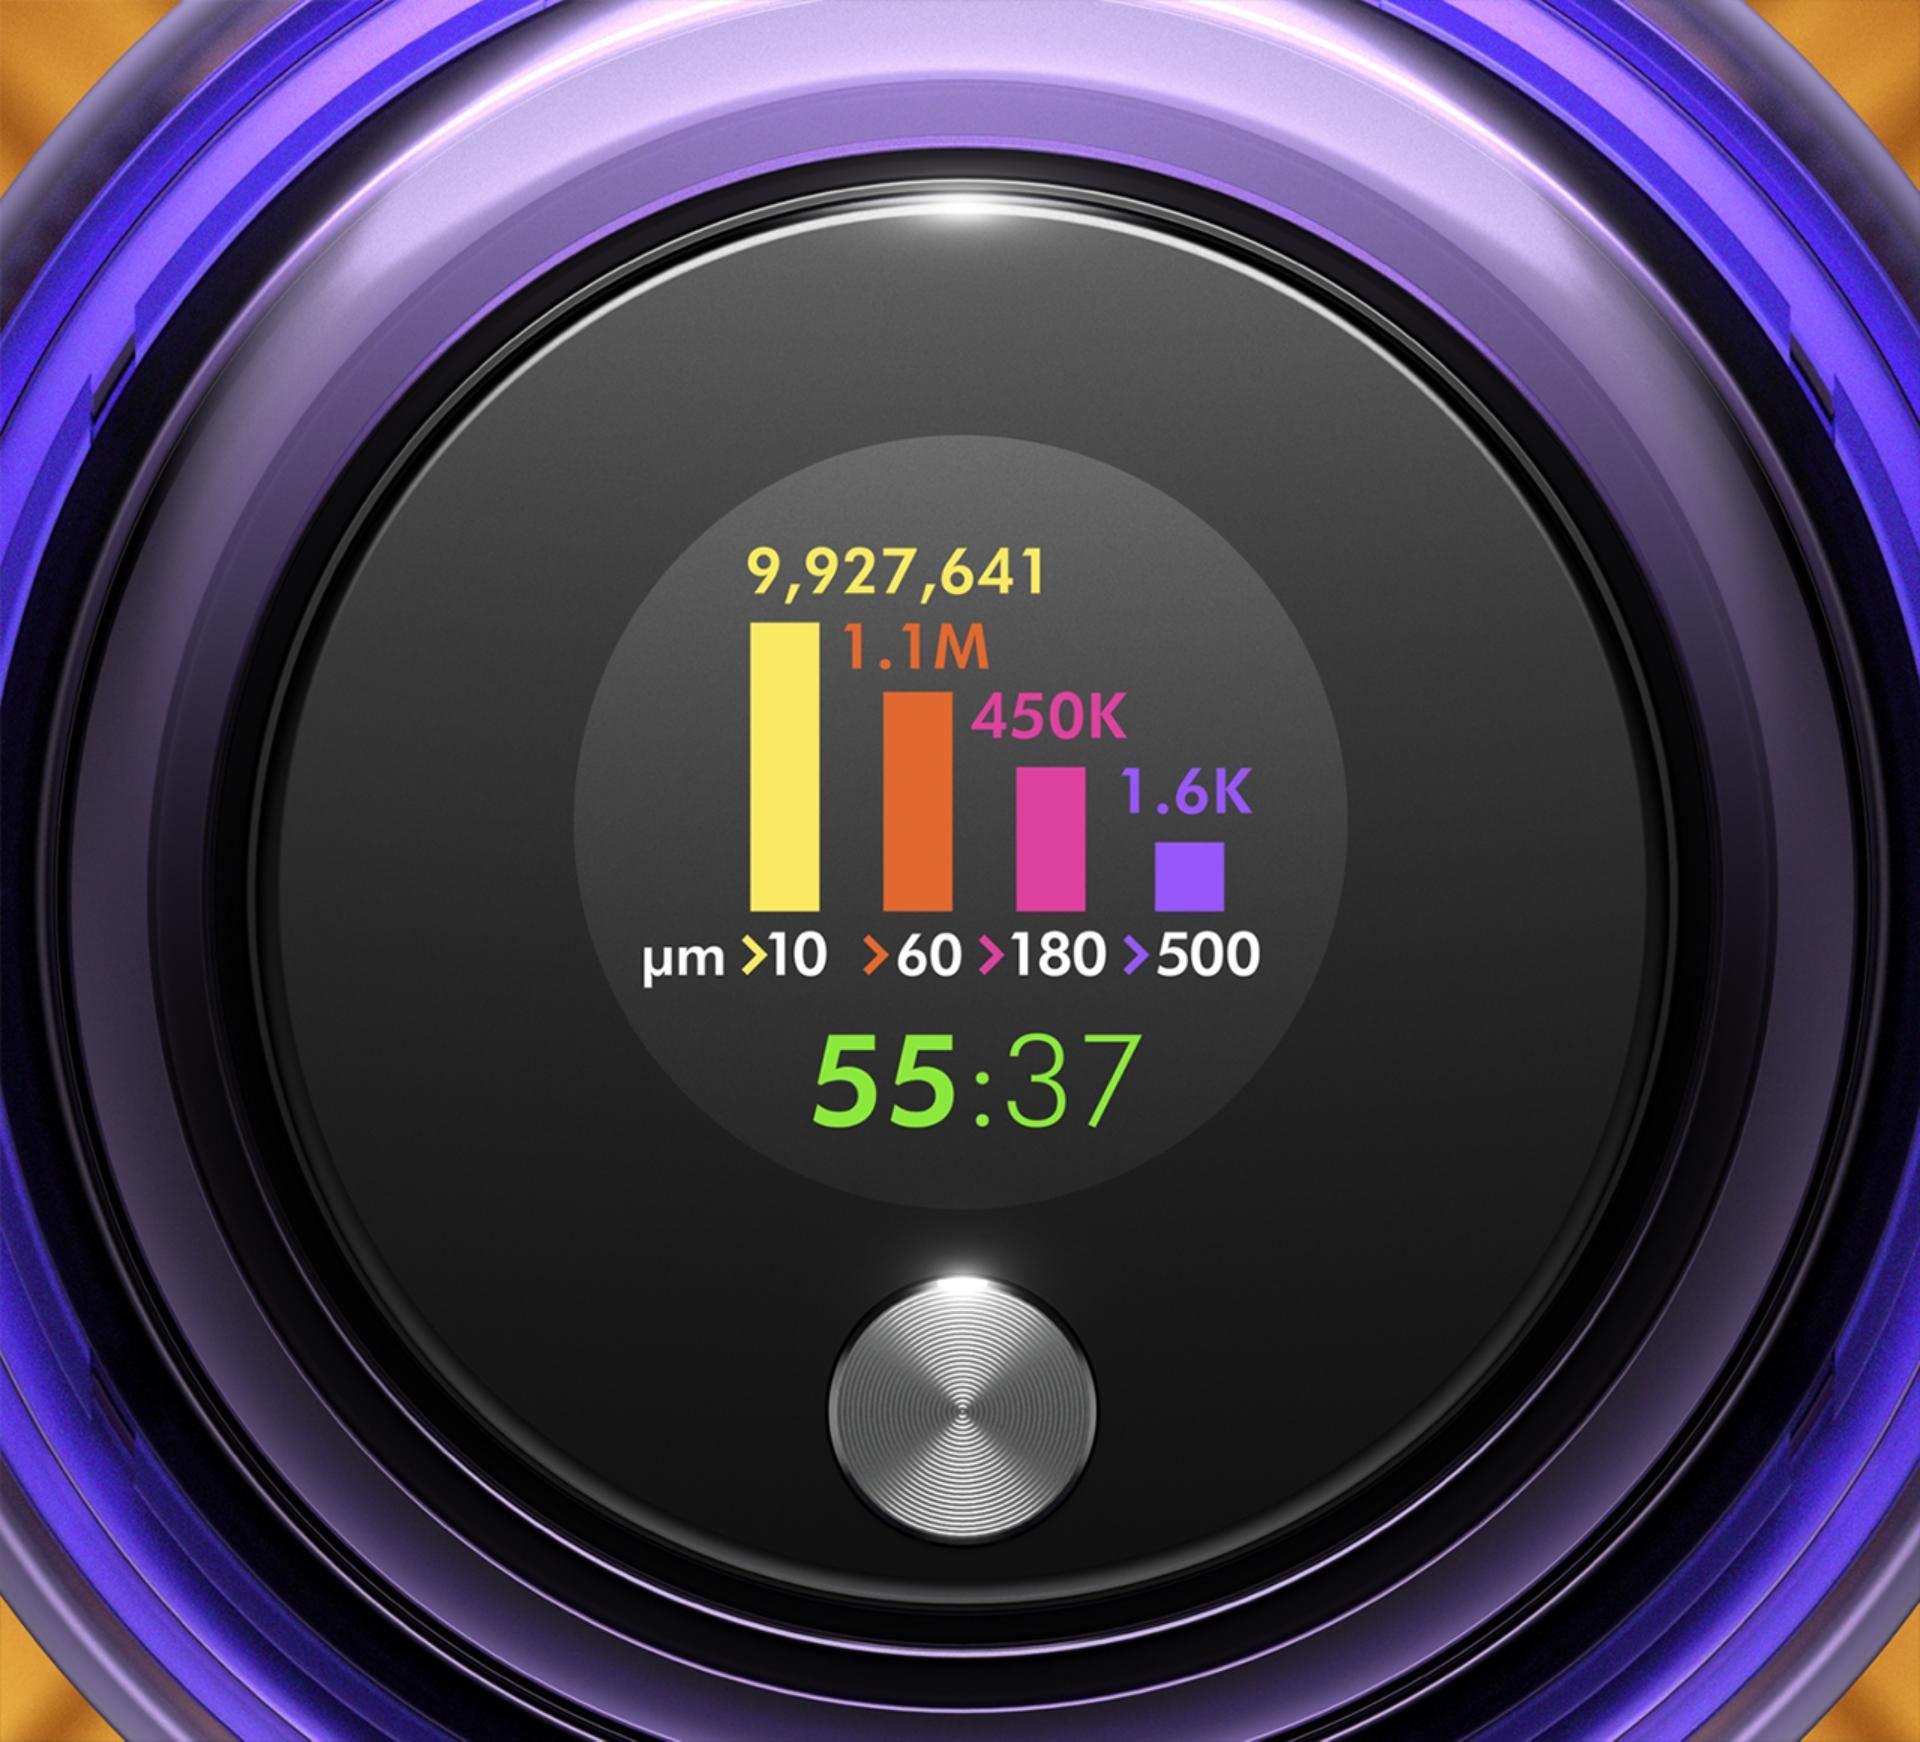 dyson v12 vacuum LCD screen